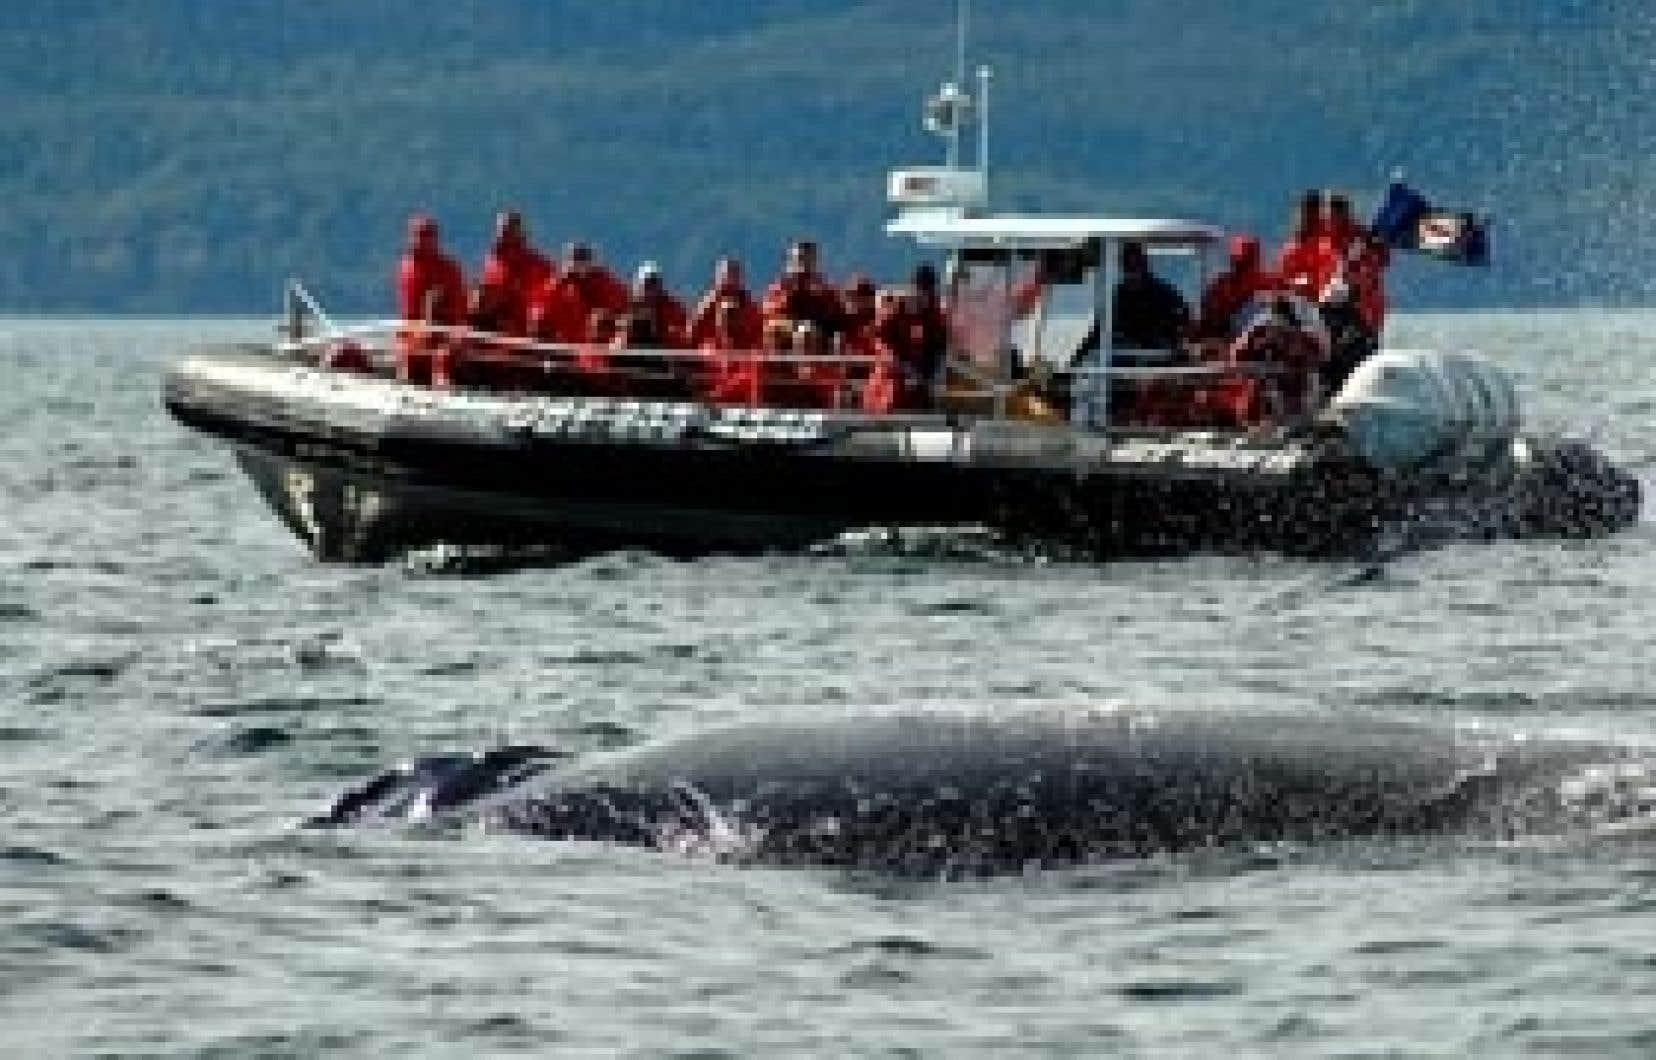 Des plaisanciers prennent part à une excursion organisée par Croisières AML. Sous leurs yeux ébahis, une baleine à bosse glisse lentement à la surface de l'eau.